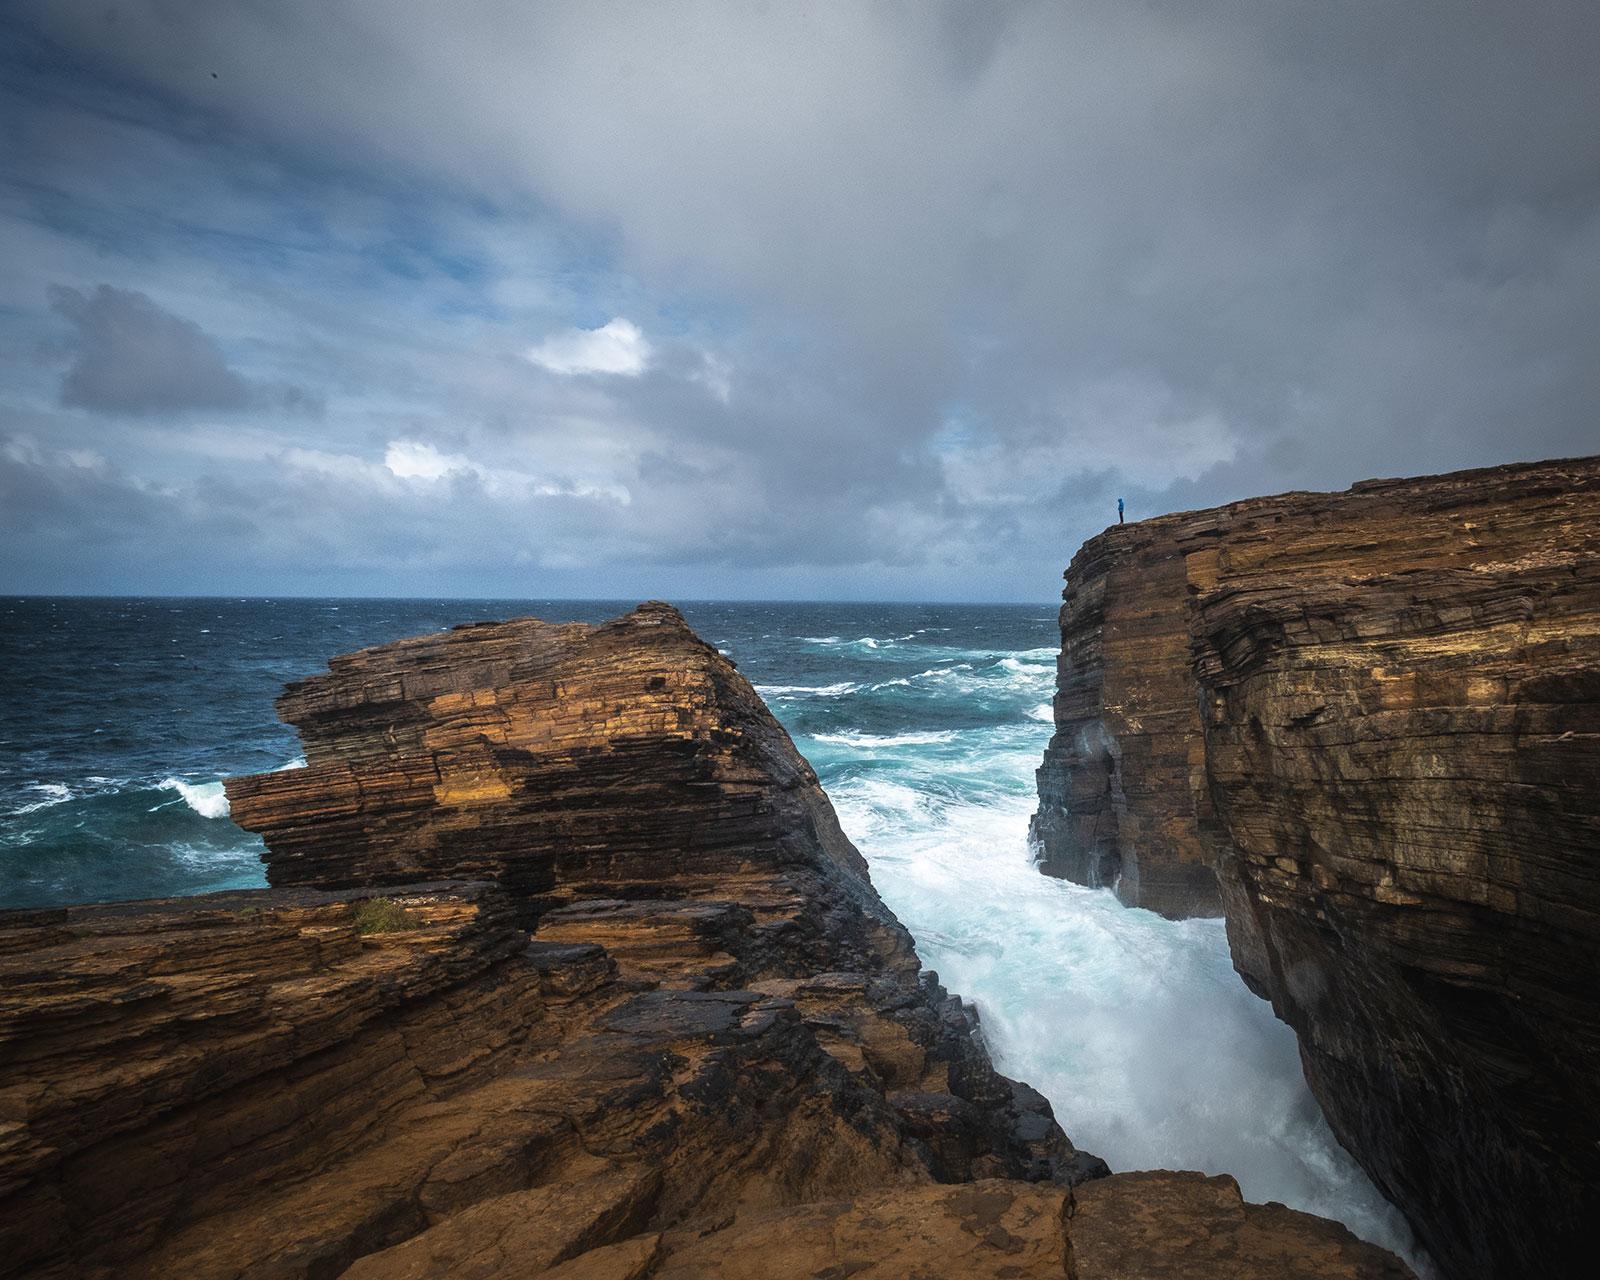 Meeresgewalt. Schottland | Pauli Trenkwalder, Berge & Psychologie